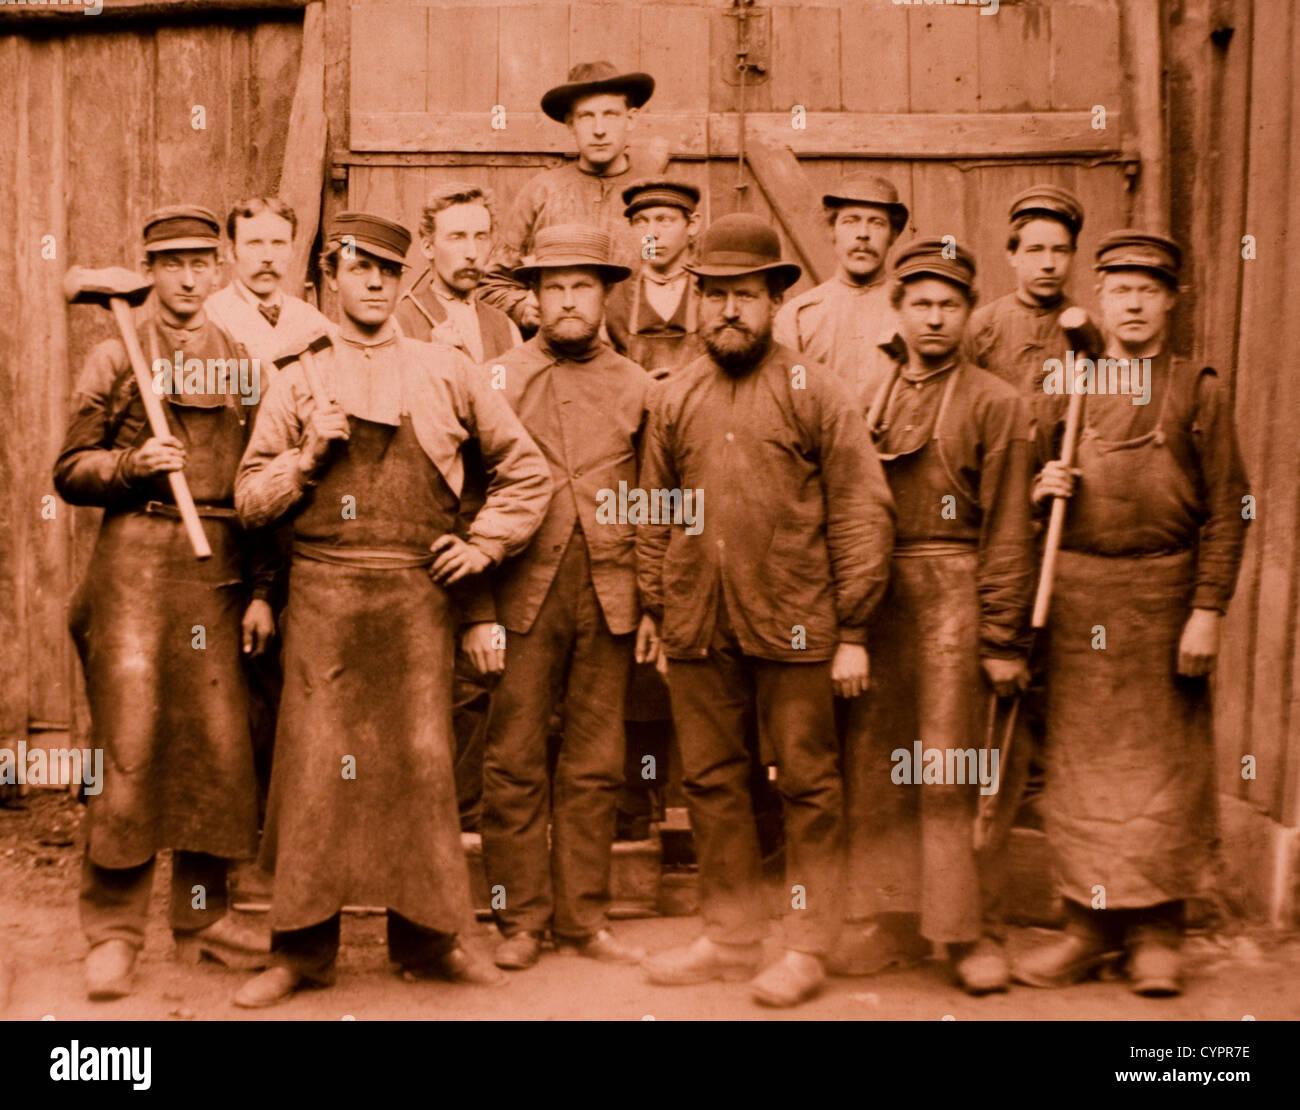 Gruppo di lavoratori, quattro holding Sledgehammers, albume fotografia, circa 1880 Immagini Stock